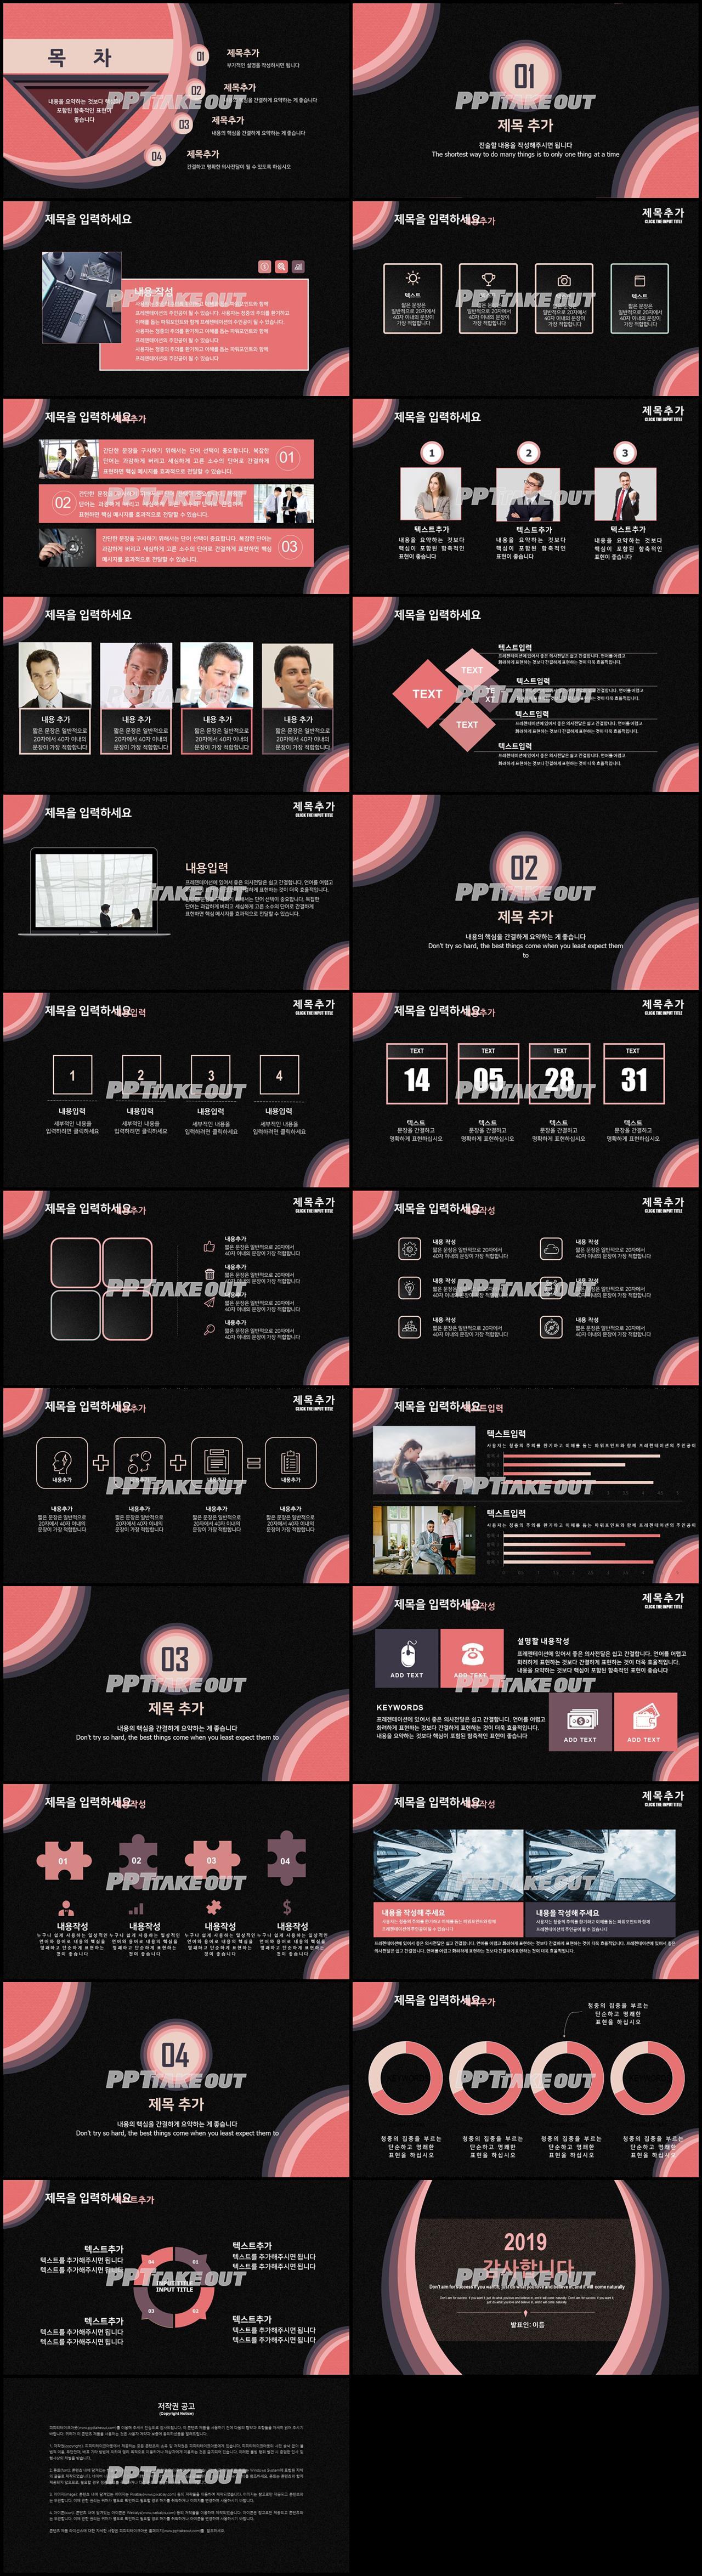 사업보고 분홍색 알뜰한 고퀄리티 PPT테마 제작 상세보기